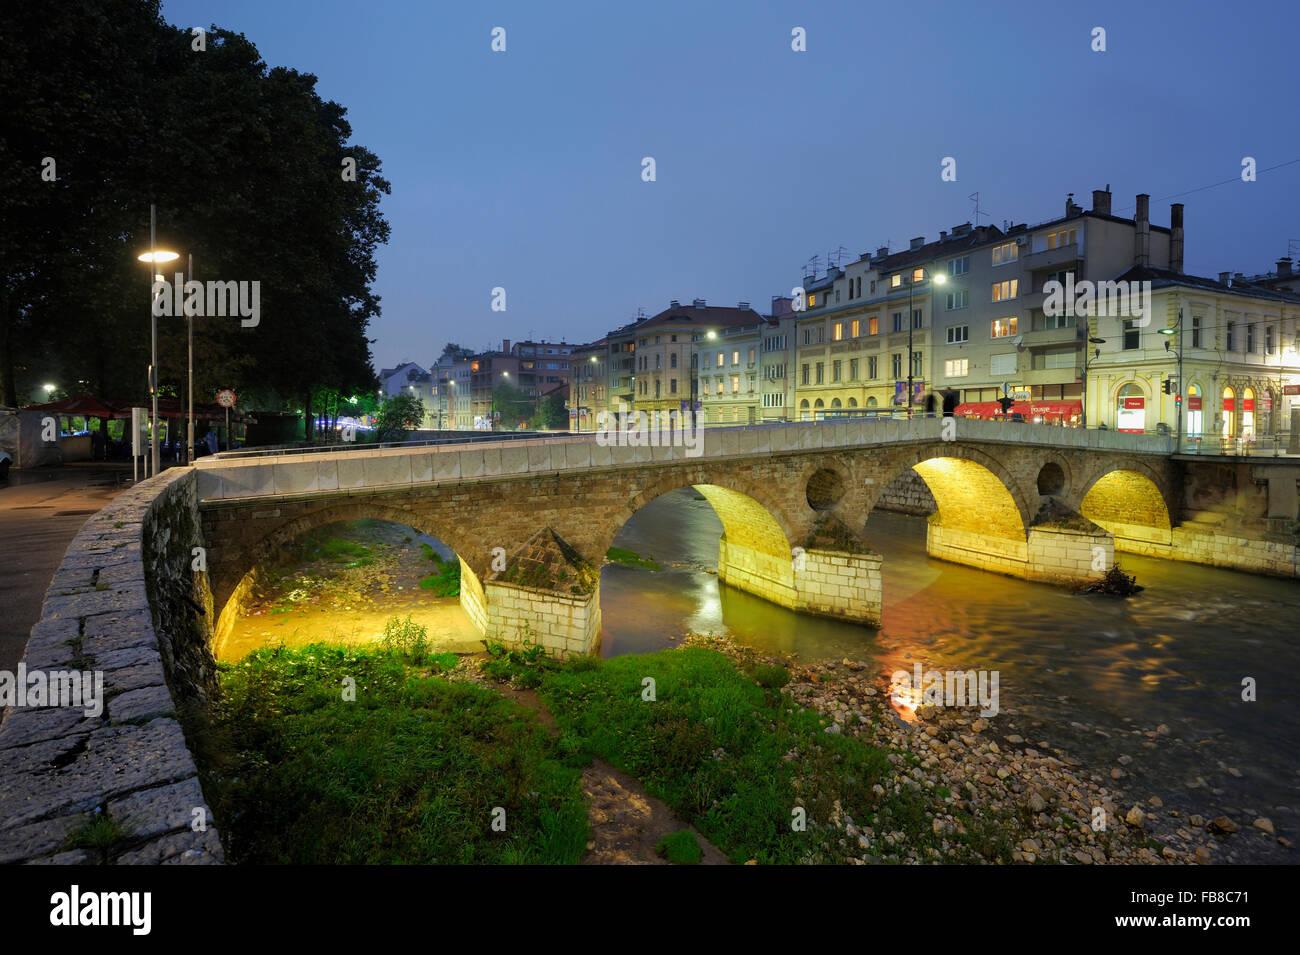 Latinska Cuprija (Latin Bridge), Stari Grad, Sarajevo, Kanton Sarajevo, werden Bosne ich Hercegovine, Bosnien und Stockbild